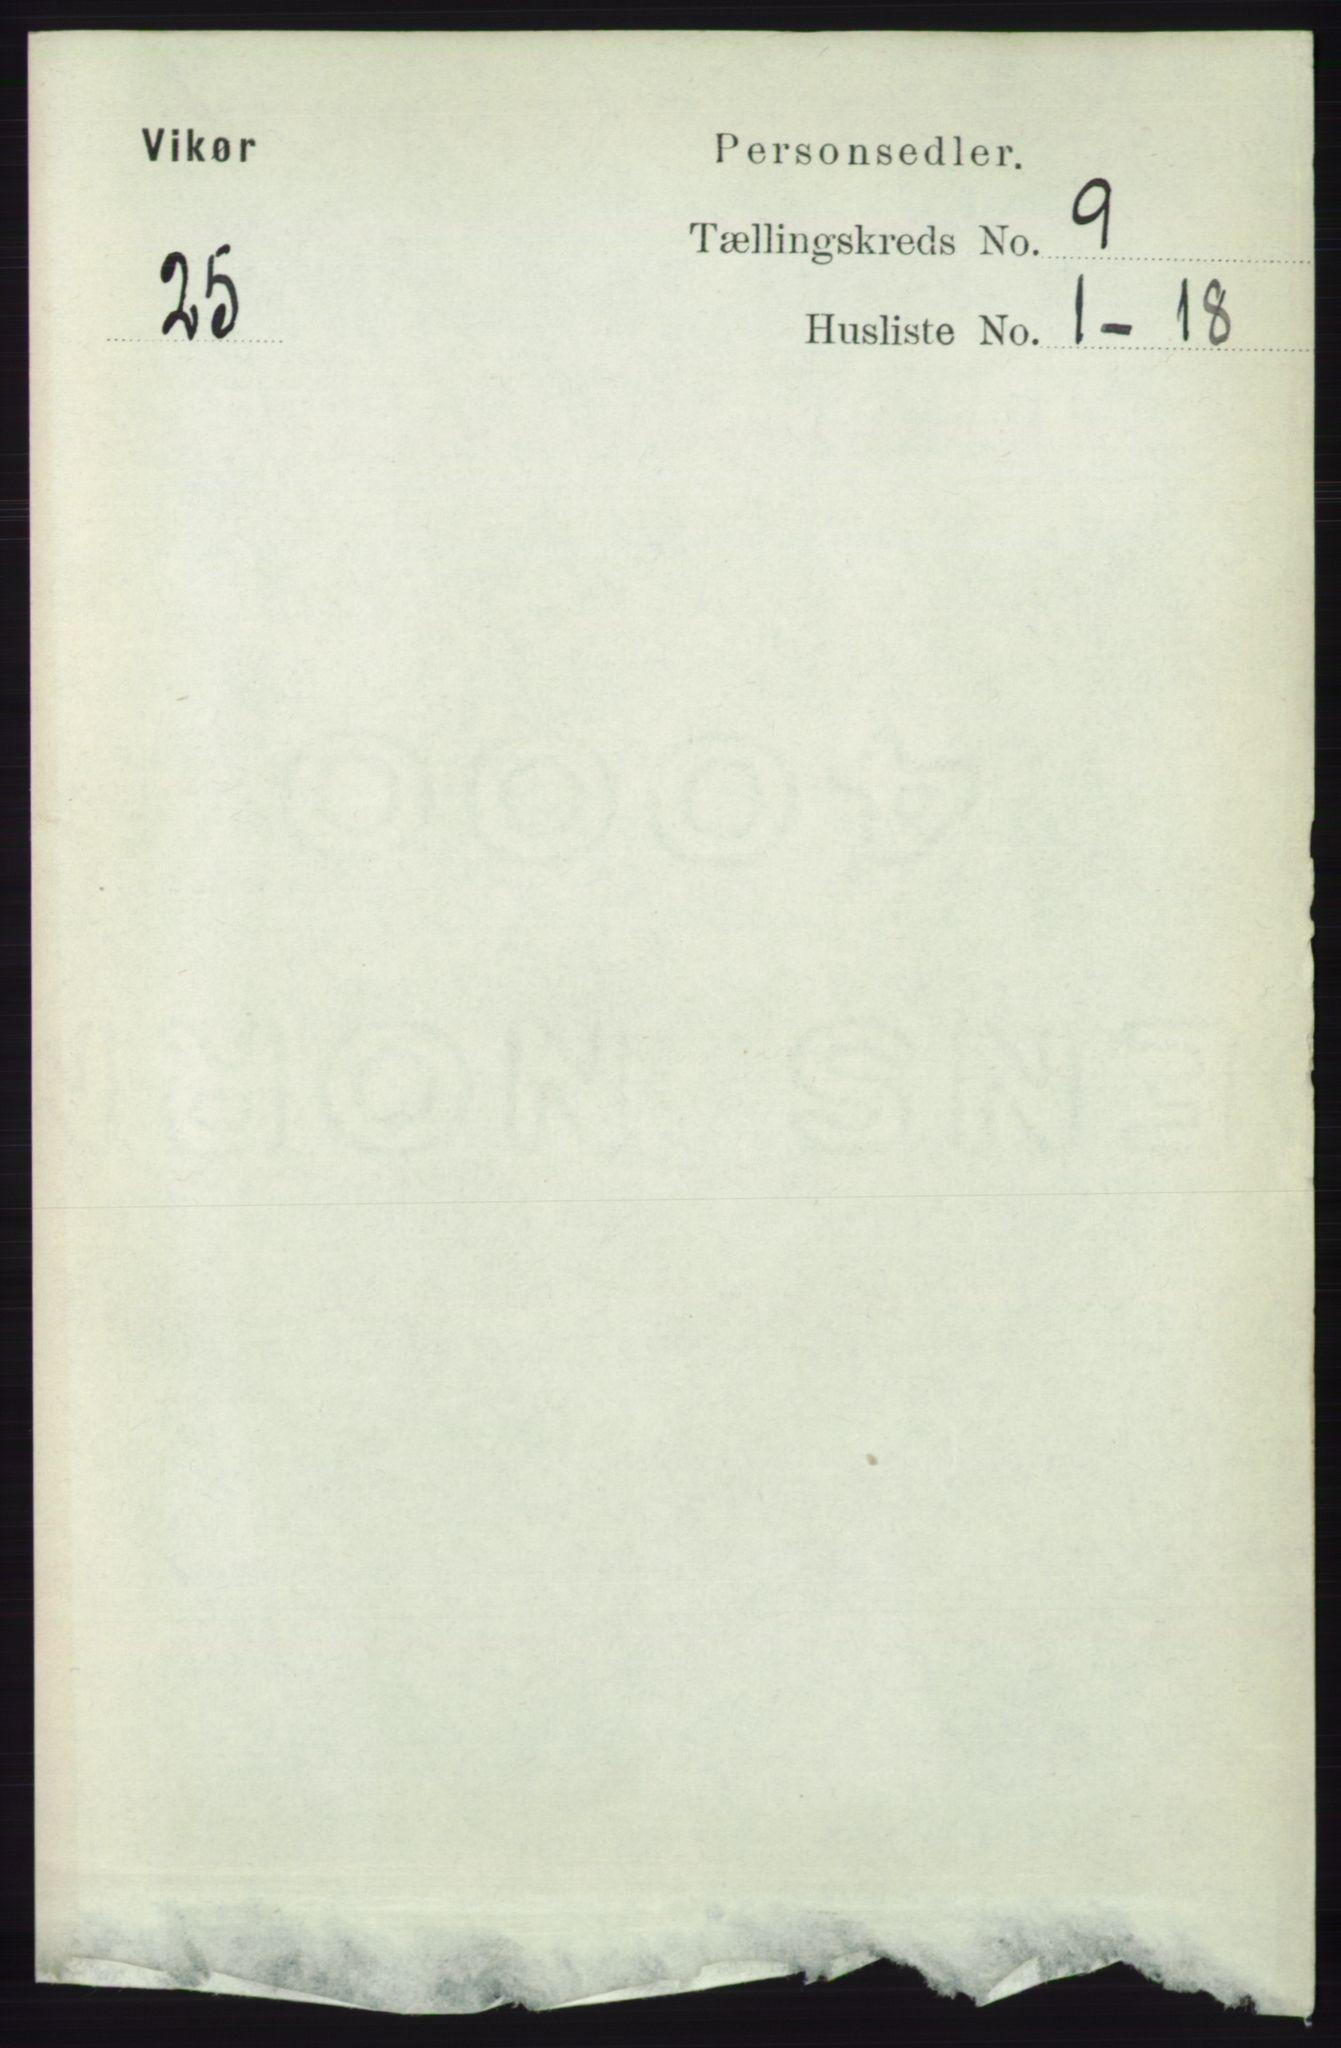 RA, Folketelling 1891 for 1238 Vikør herred, 1891, s. 2658